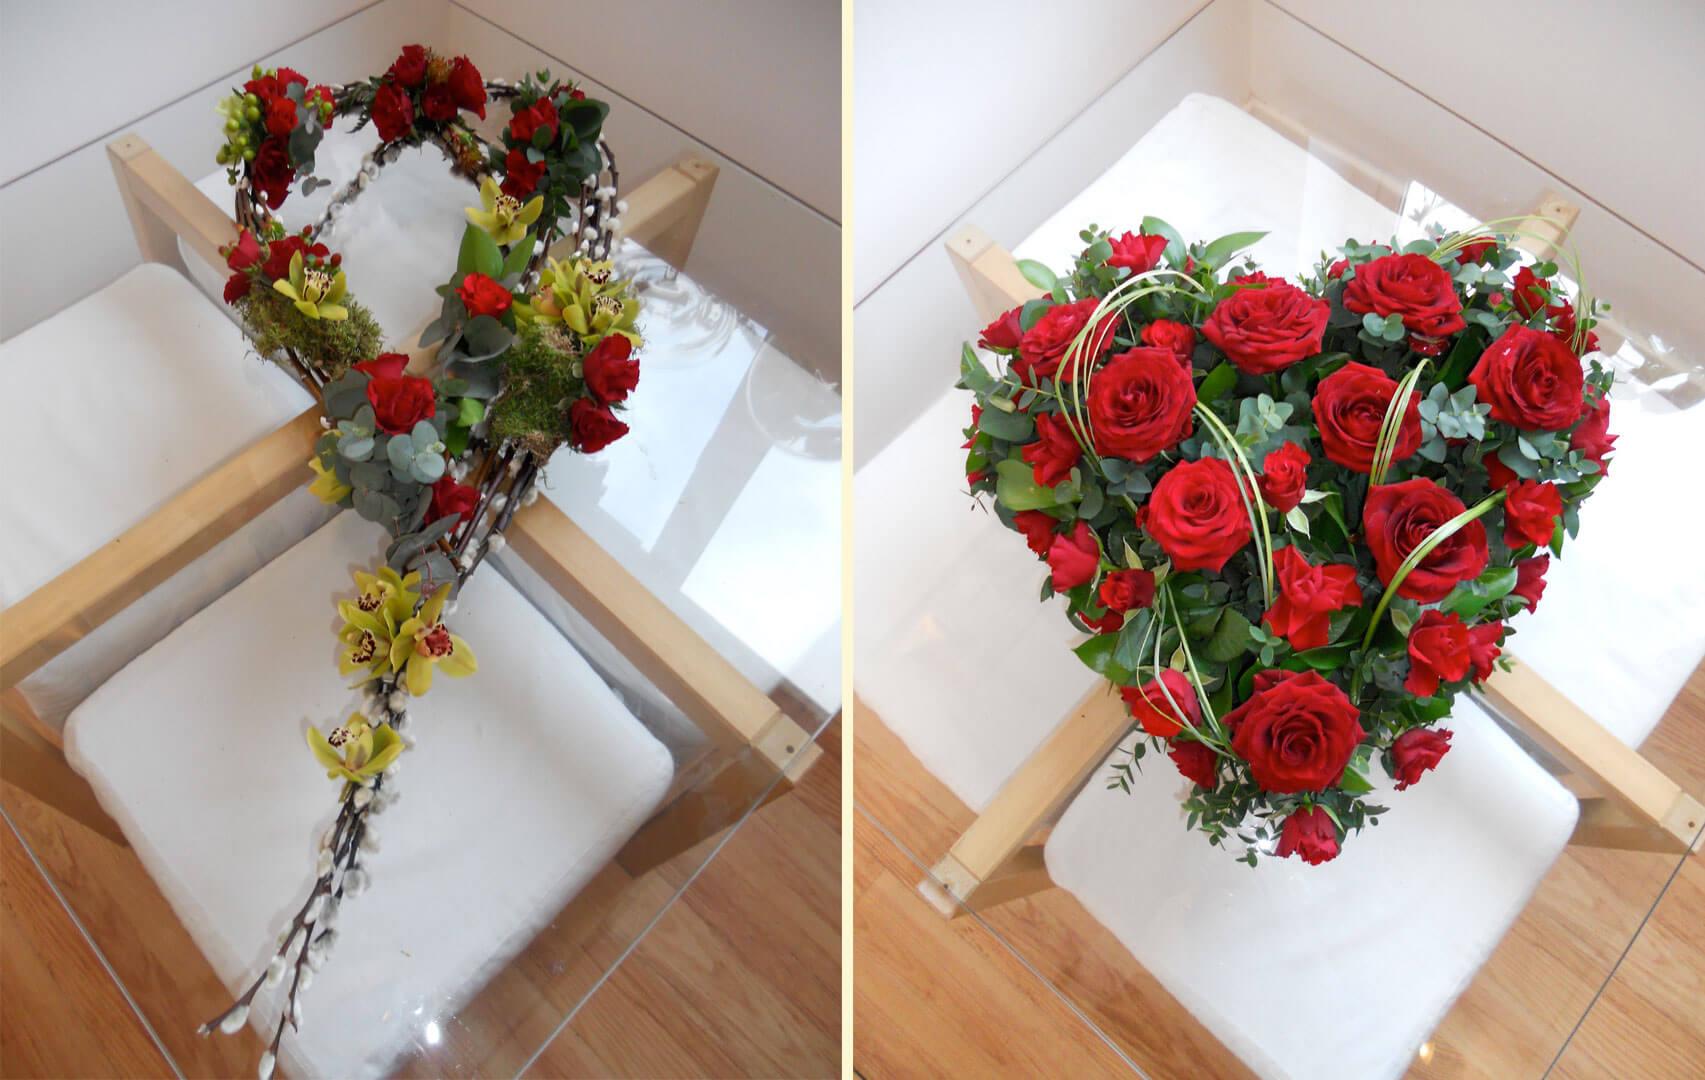 Funerals-Gallery-17